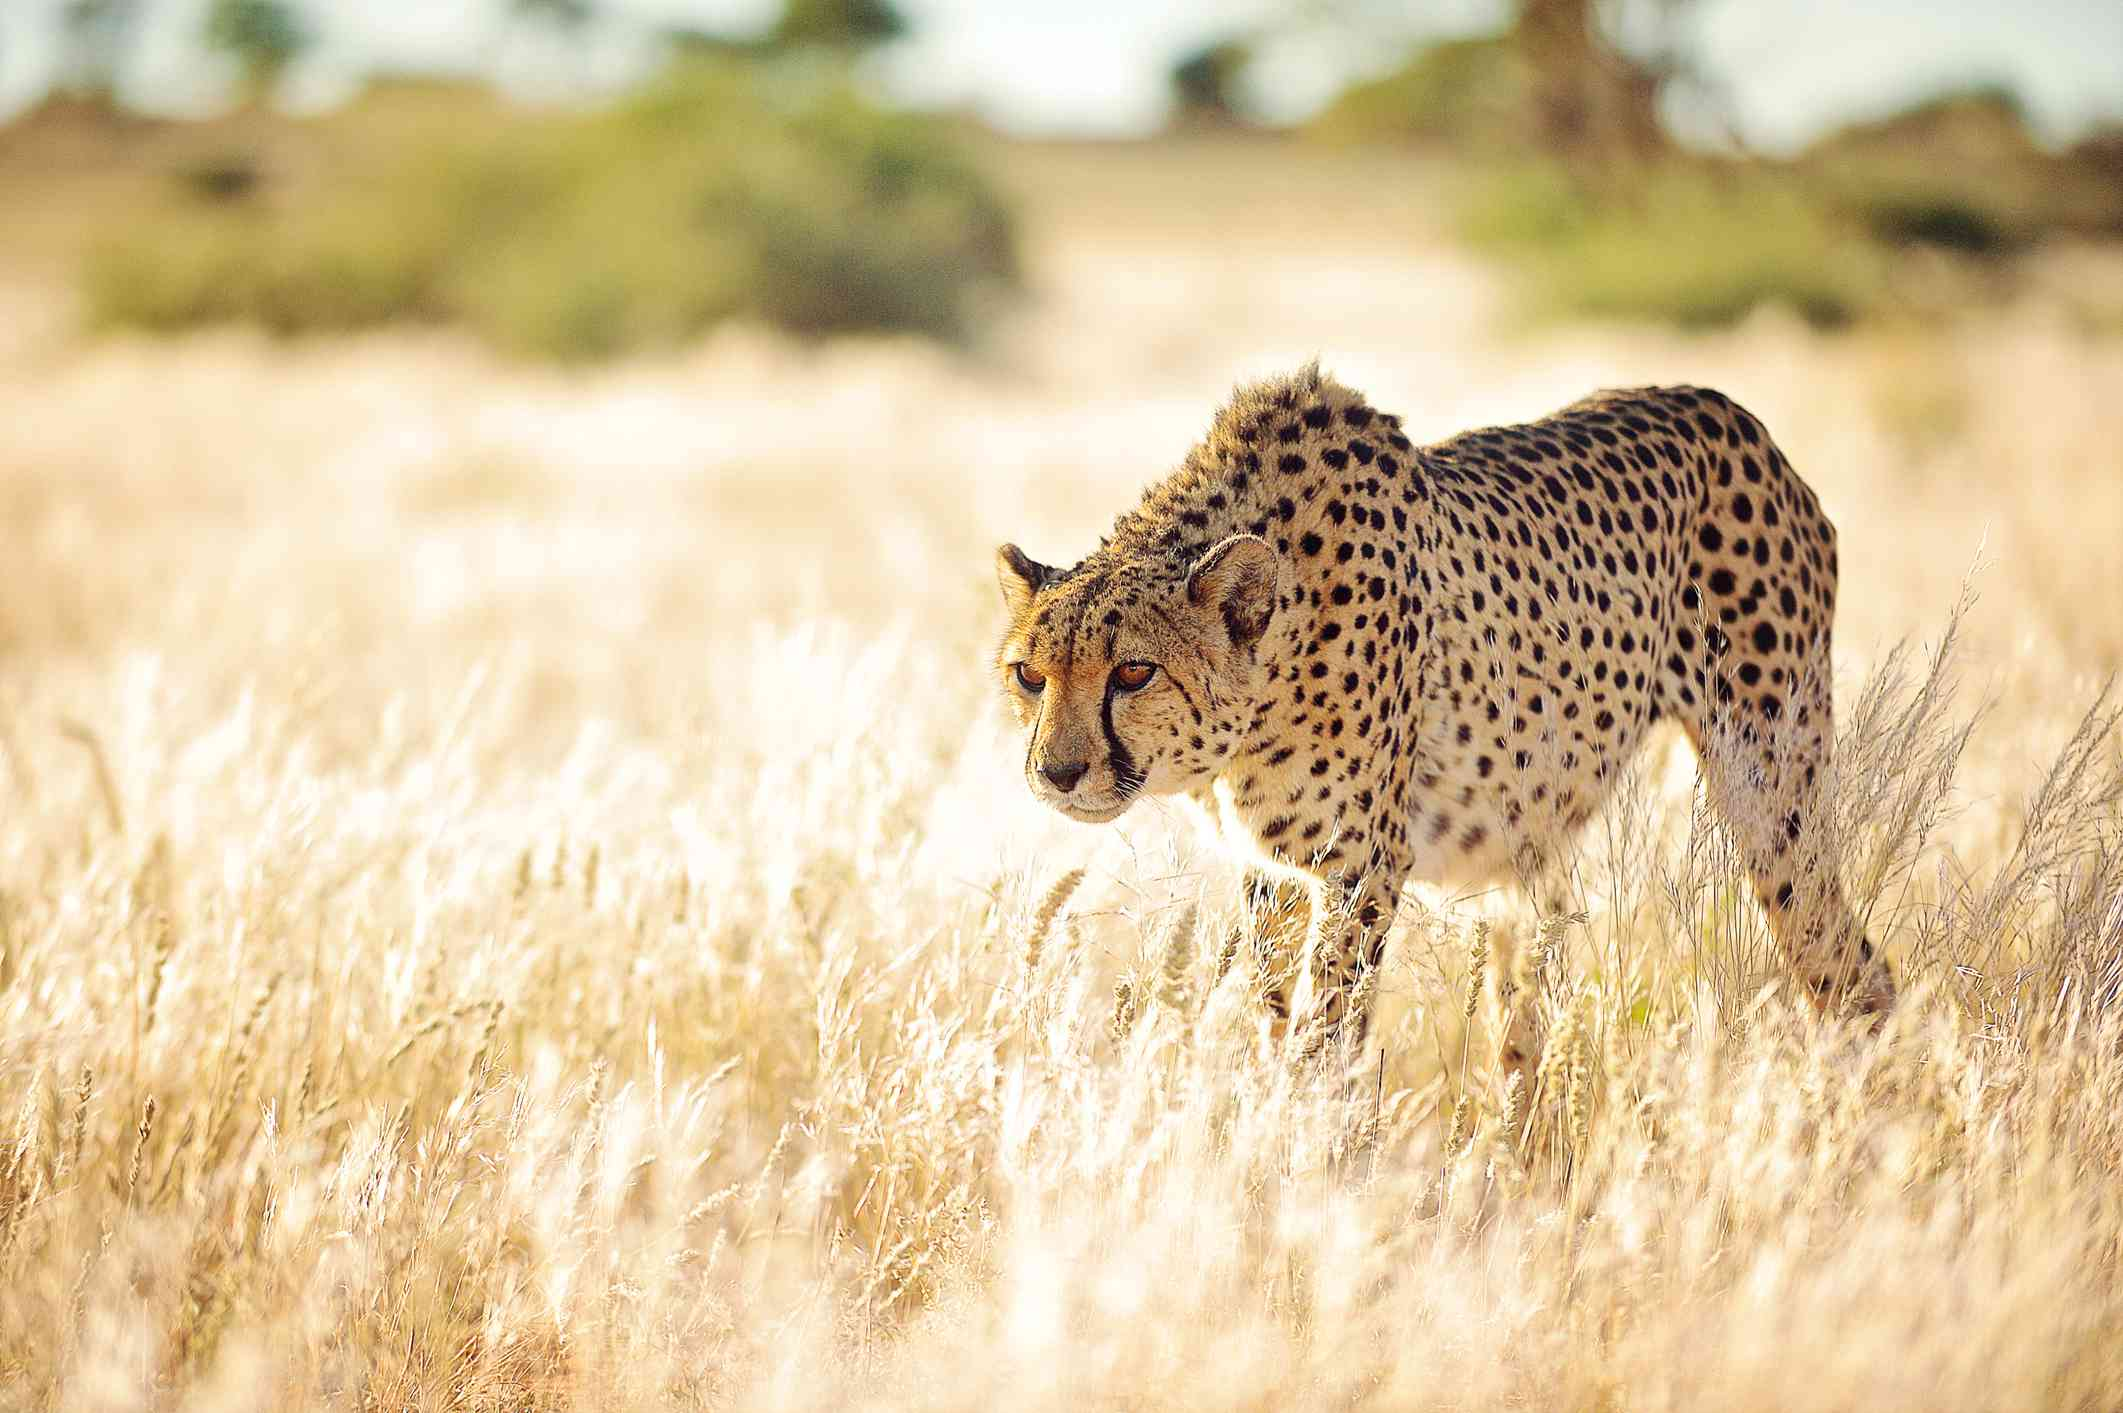 cheetah stalking